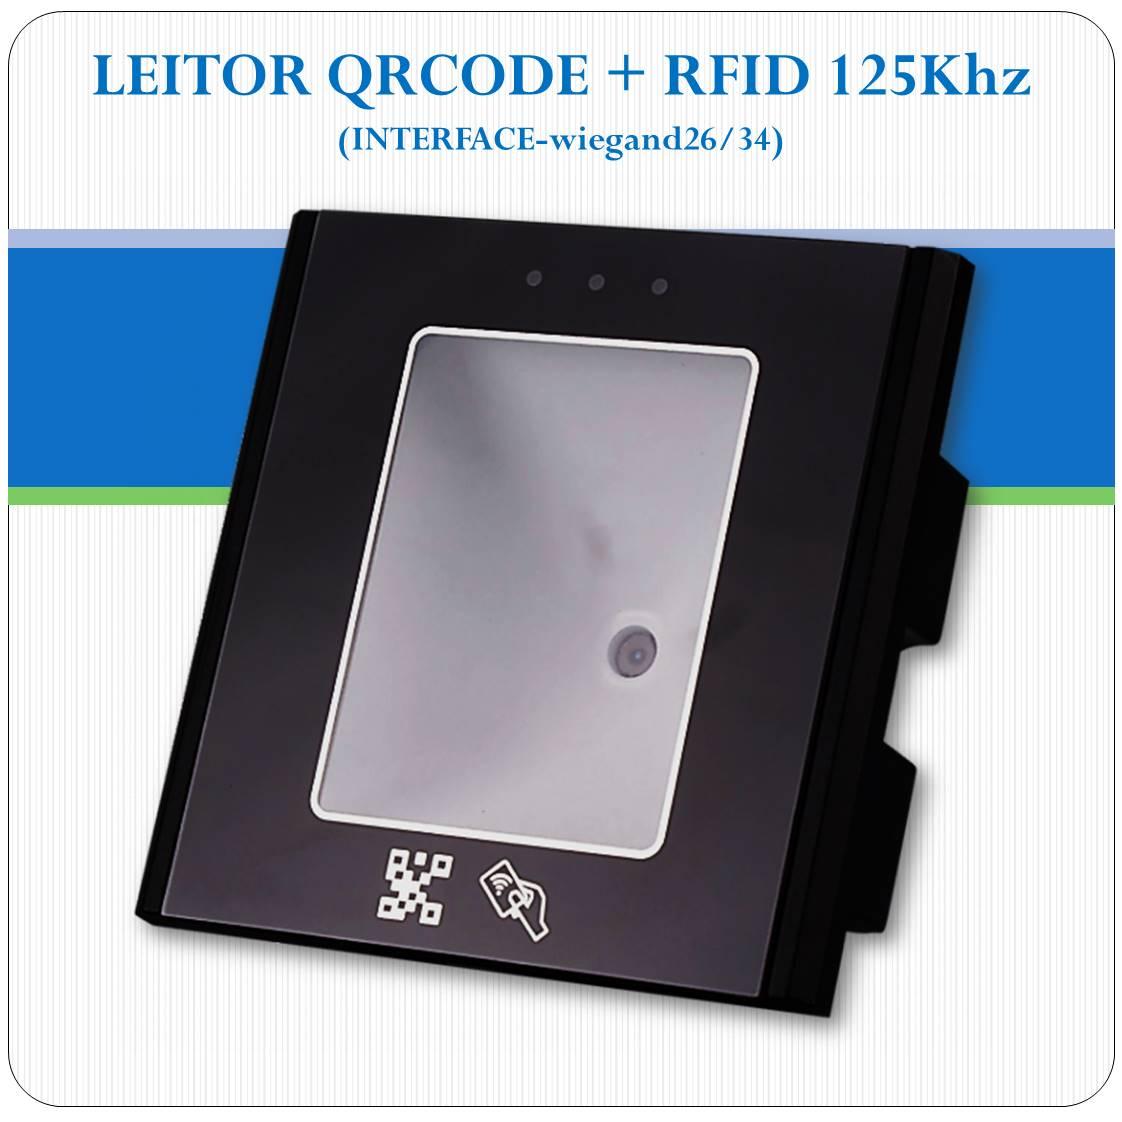 Leitor De Qrcode E Rfid 125khz Integrados - Interface Wieg26